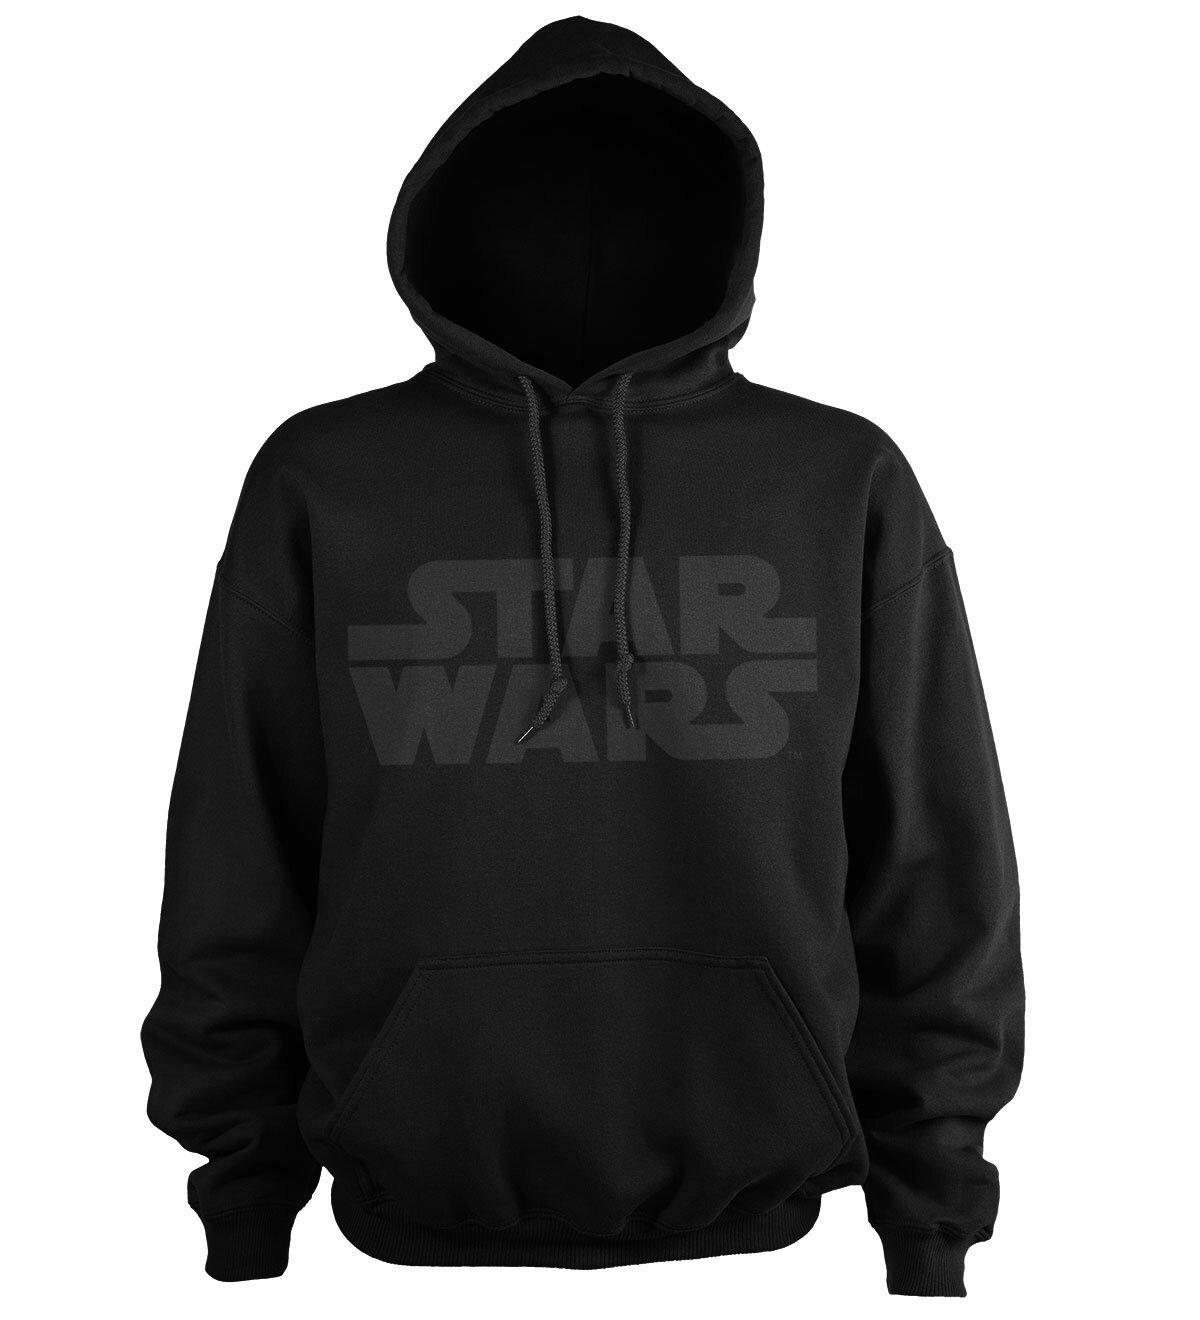 Star Wars Black Logo Hoodie